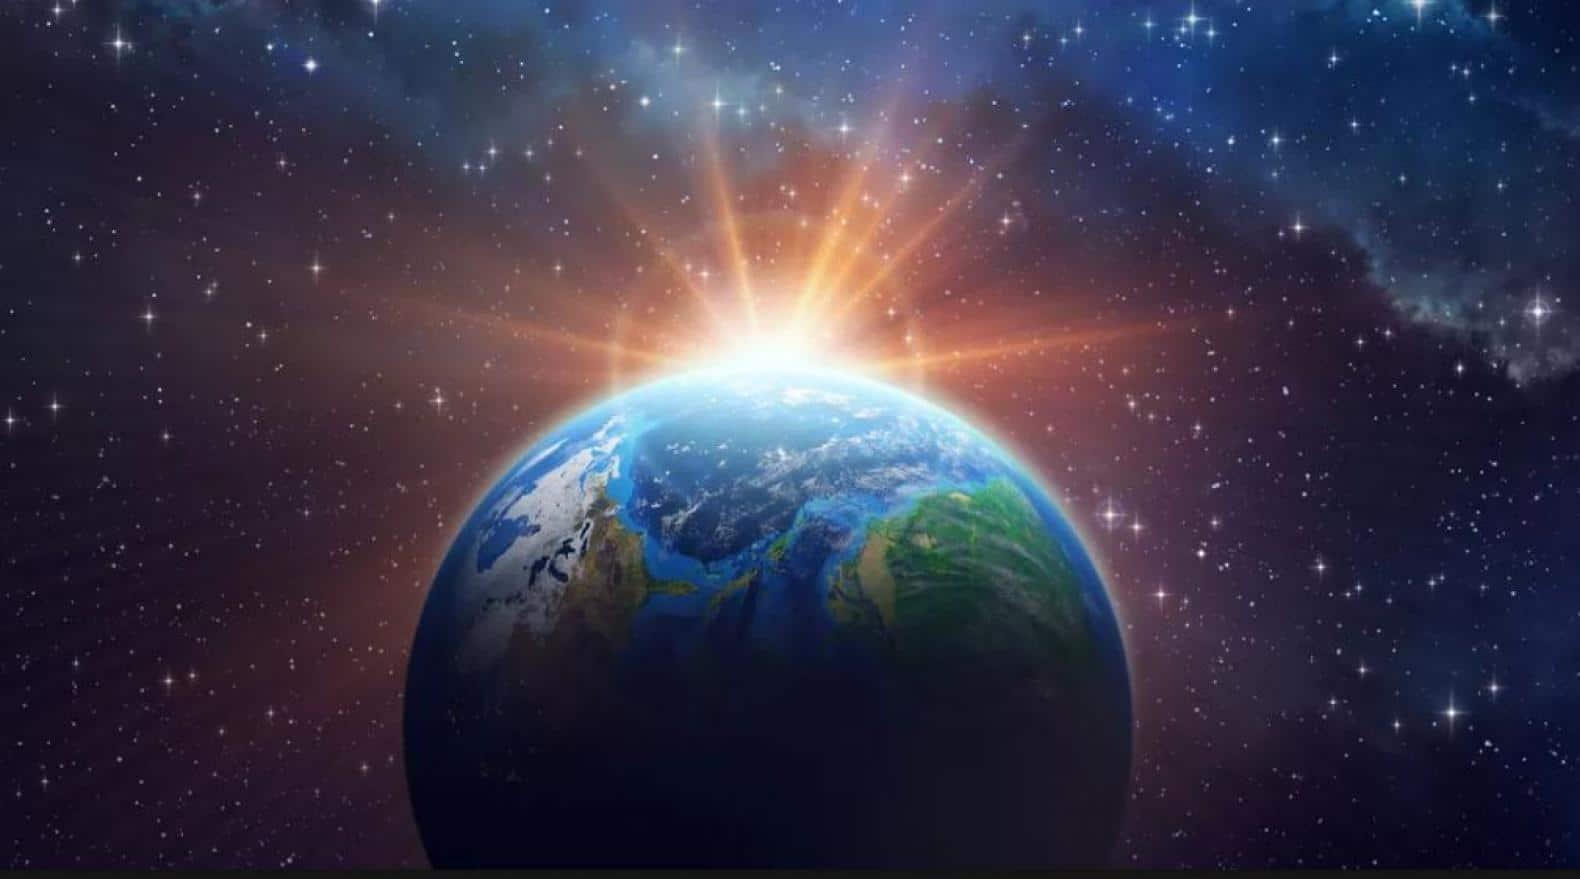 خلق الأرض في يومين